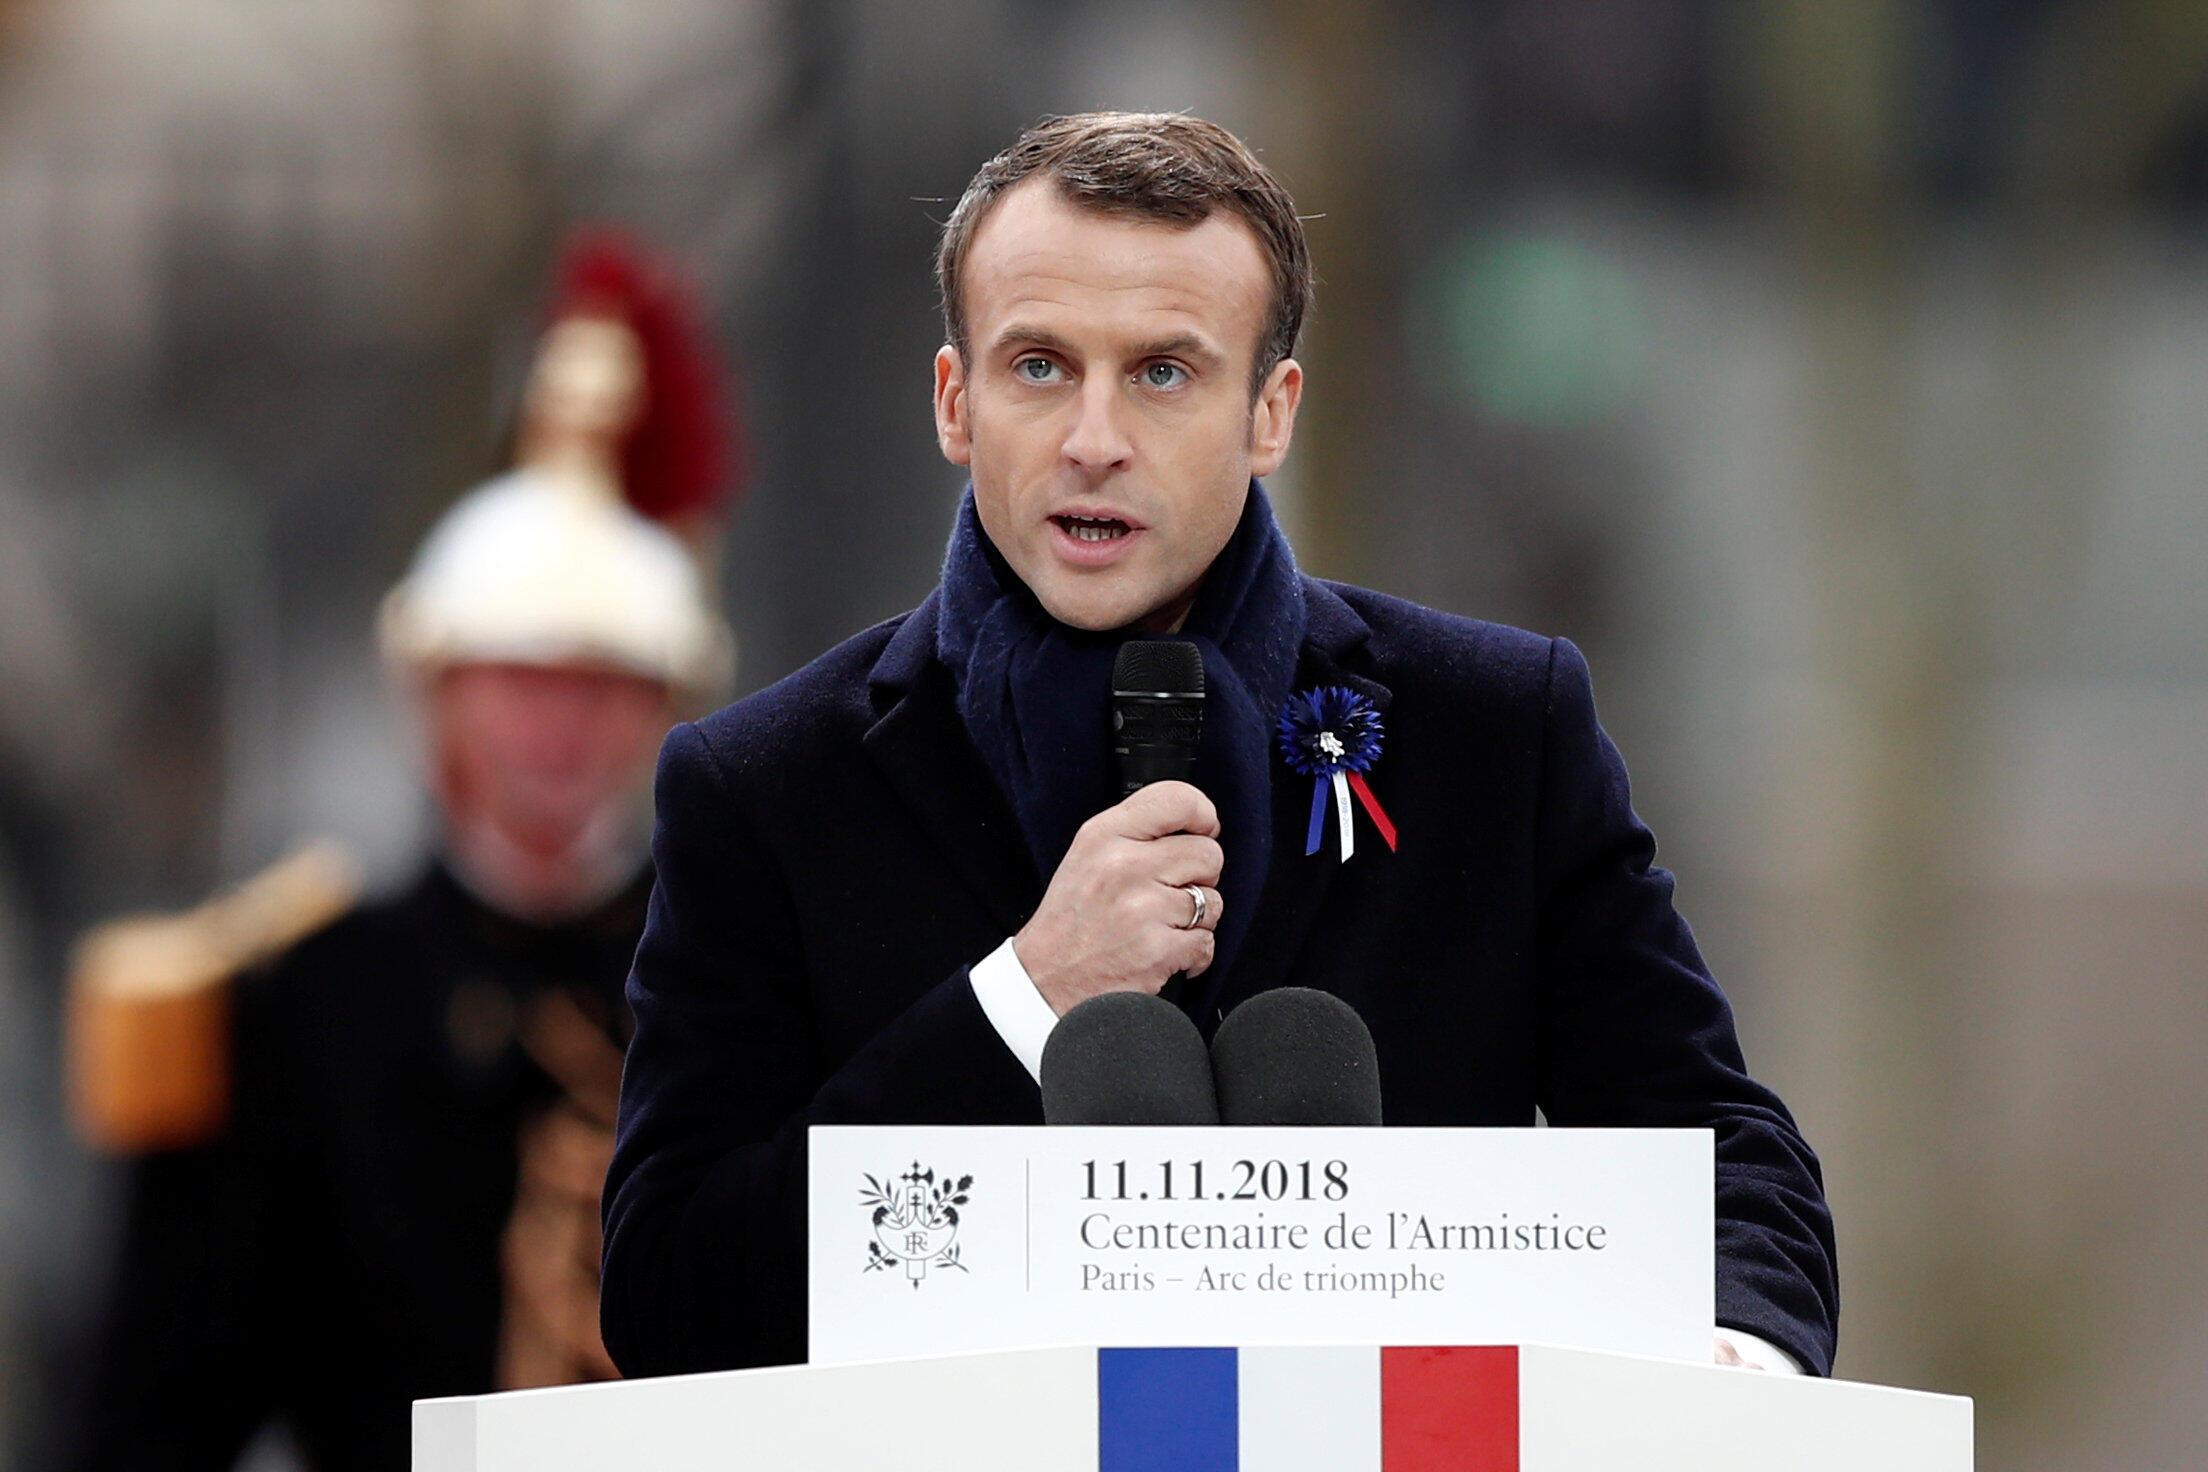 مانوئل ماکرون، رییسجمهوری فرانسه، یازدهم نوامبر، مراسم بزرگداشت یکصدمین سالروز پایان جنگ جهانی اول در پاریس